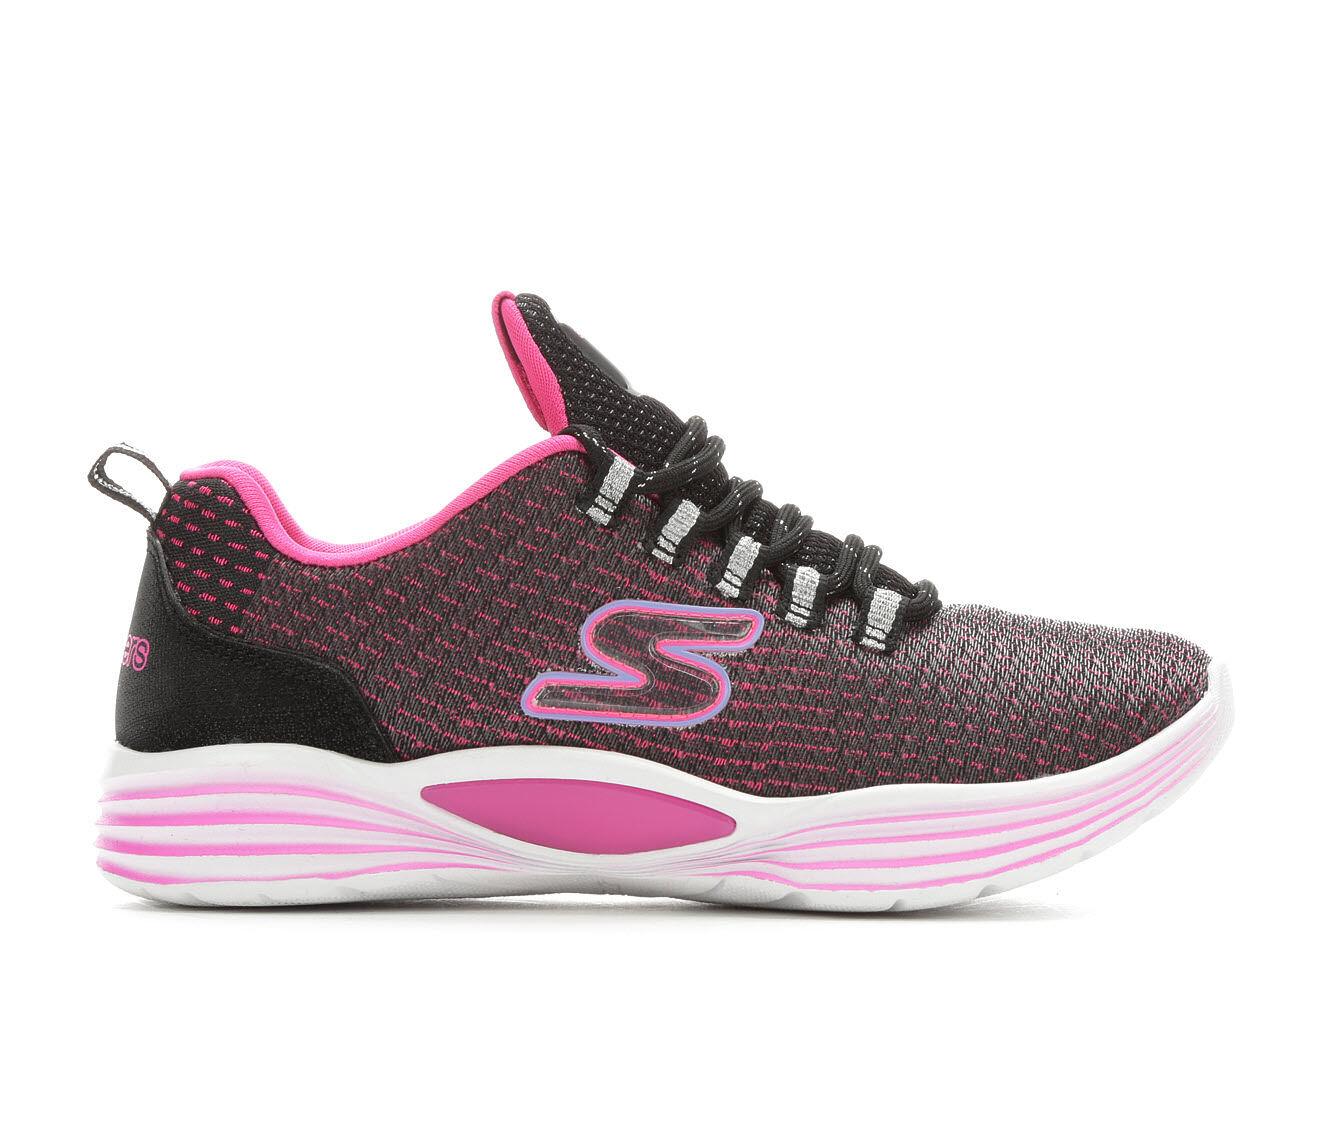 Girls' Skechers Little Kid & Big Kid Luminators Luxe Light Up Sneakers